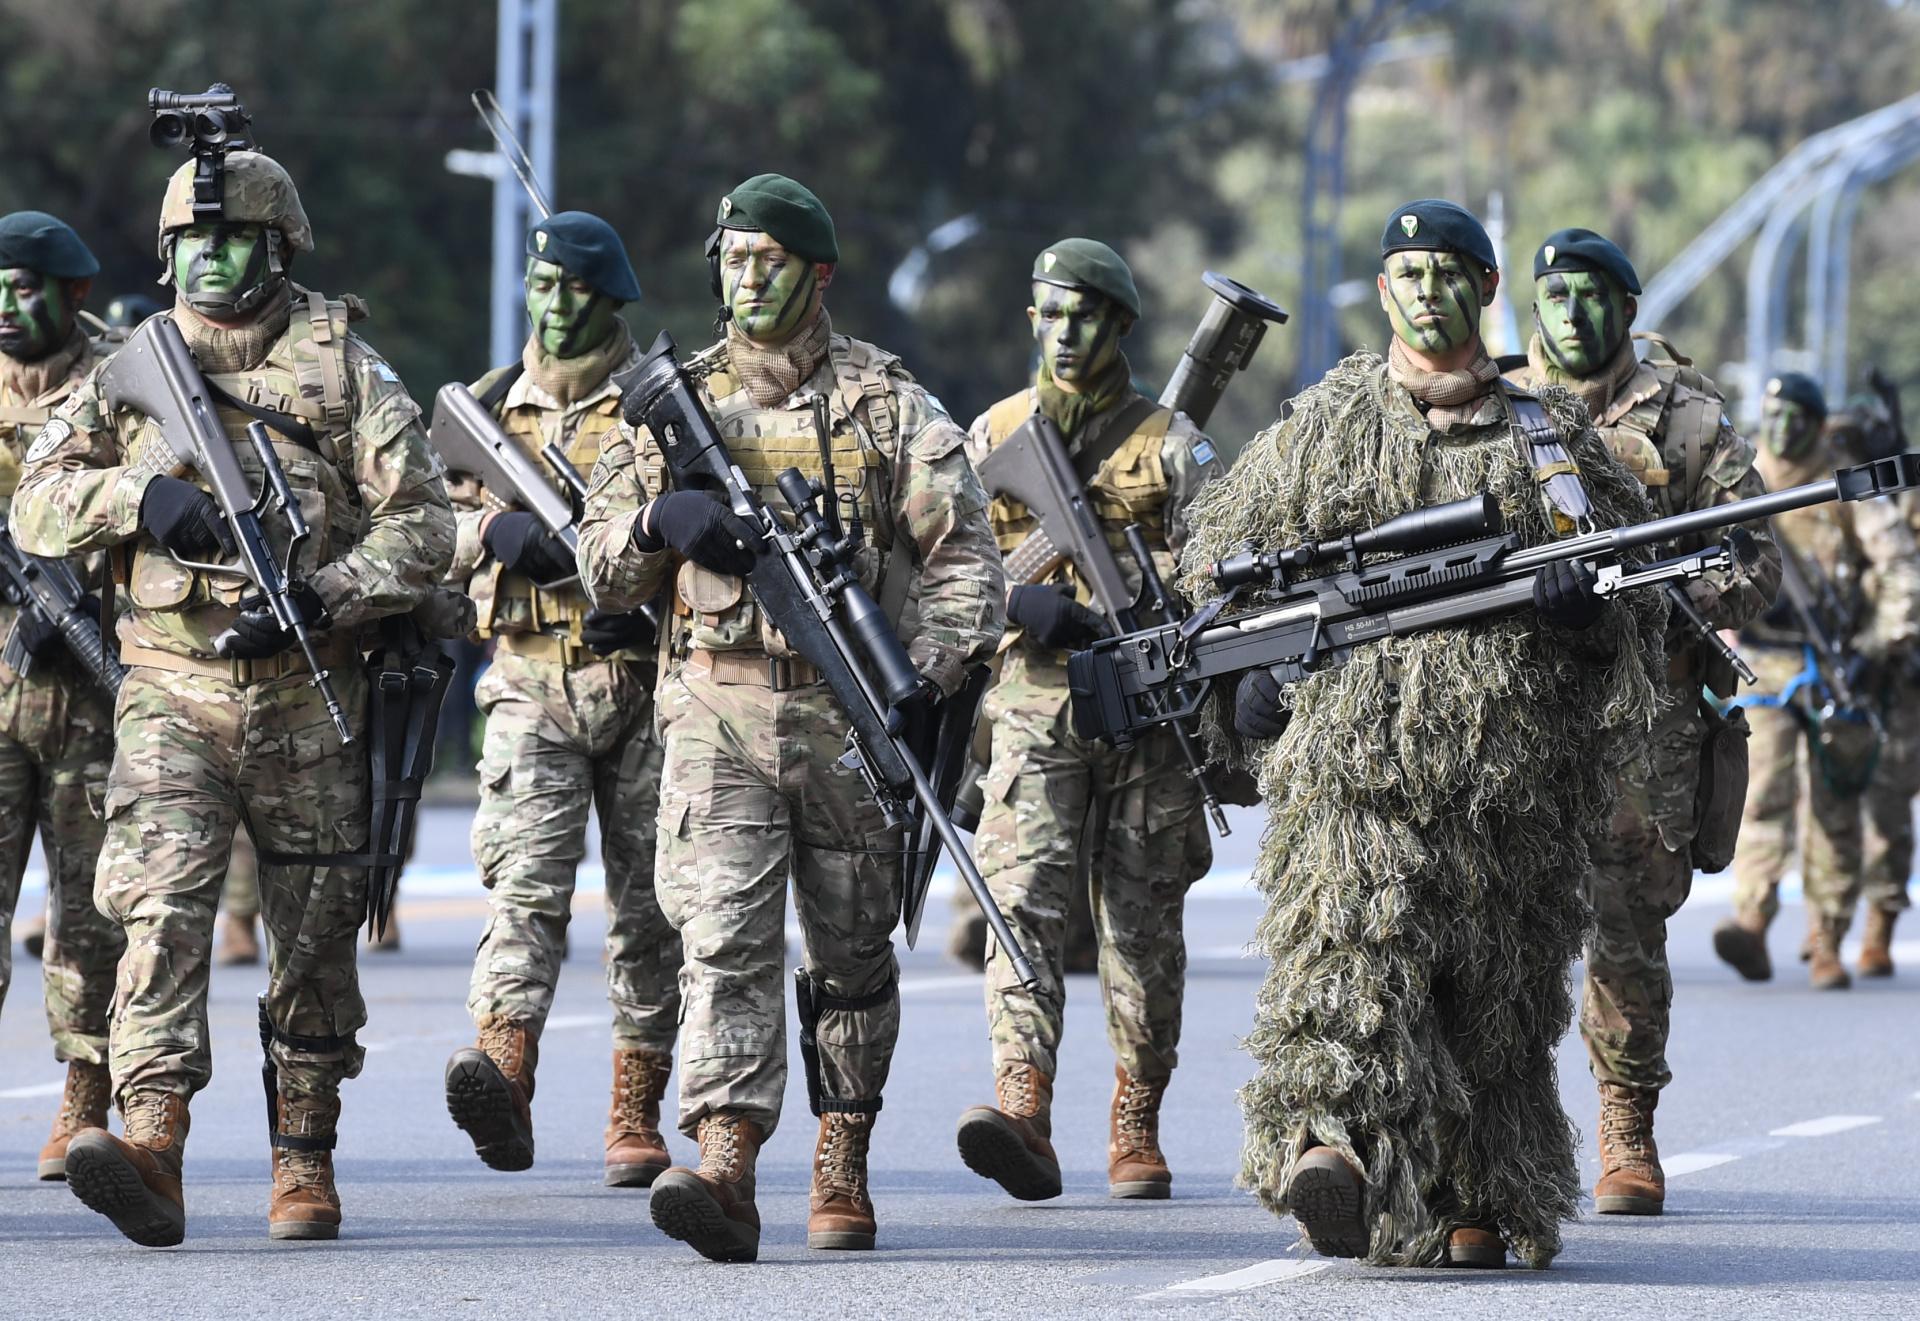 Integrantes del ejercito vestidos como el uniforme de combate